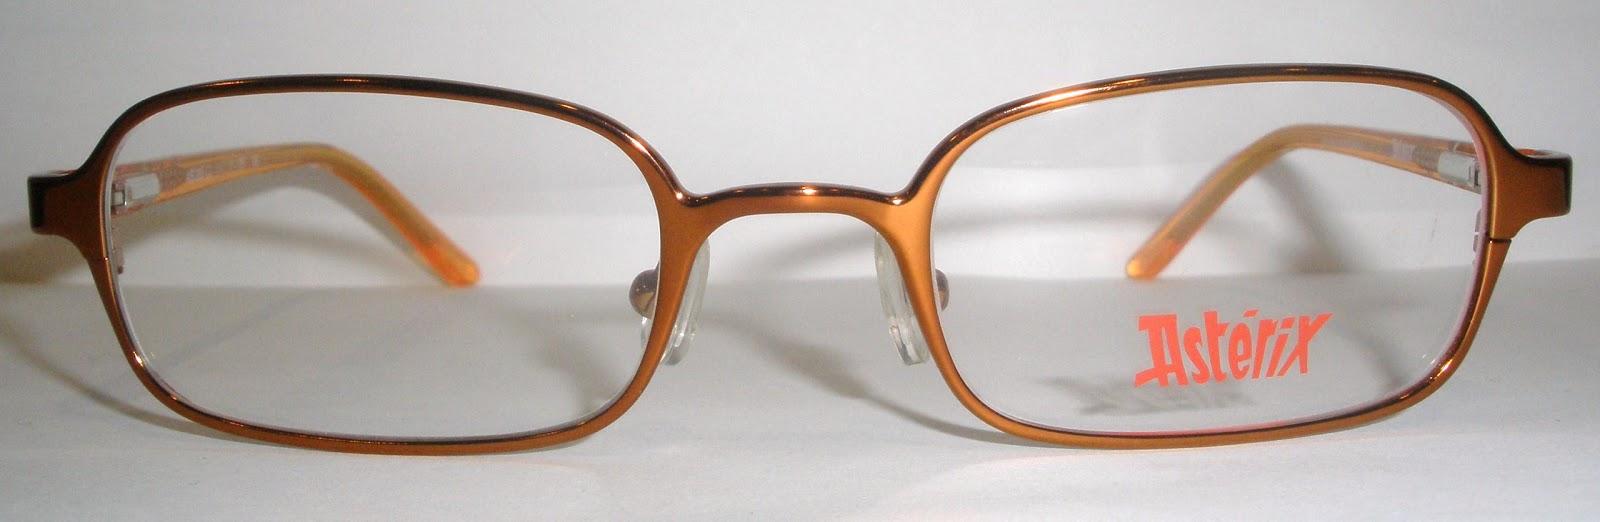 1d85a58225999 A linha da ASTERIX garante, quando a armação dos óculos de grau da minha  filha quebrou, eles prontamente ofereceram uma novinha. Abaixo veja quanto  graciosa ...